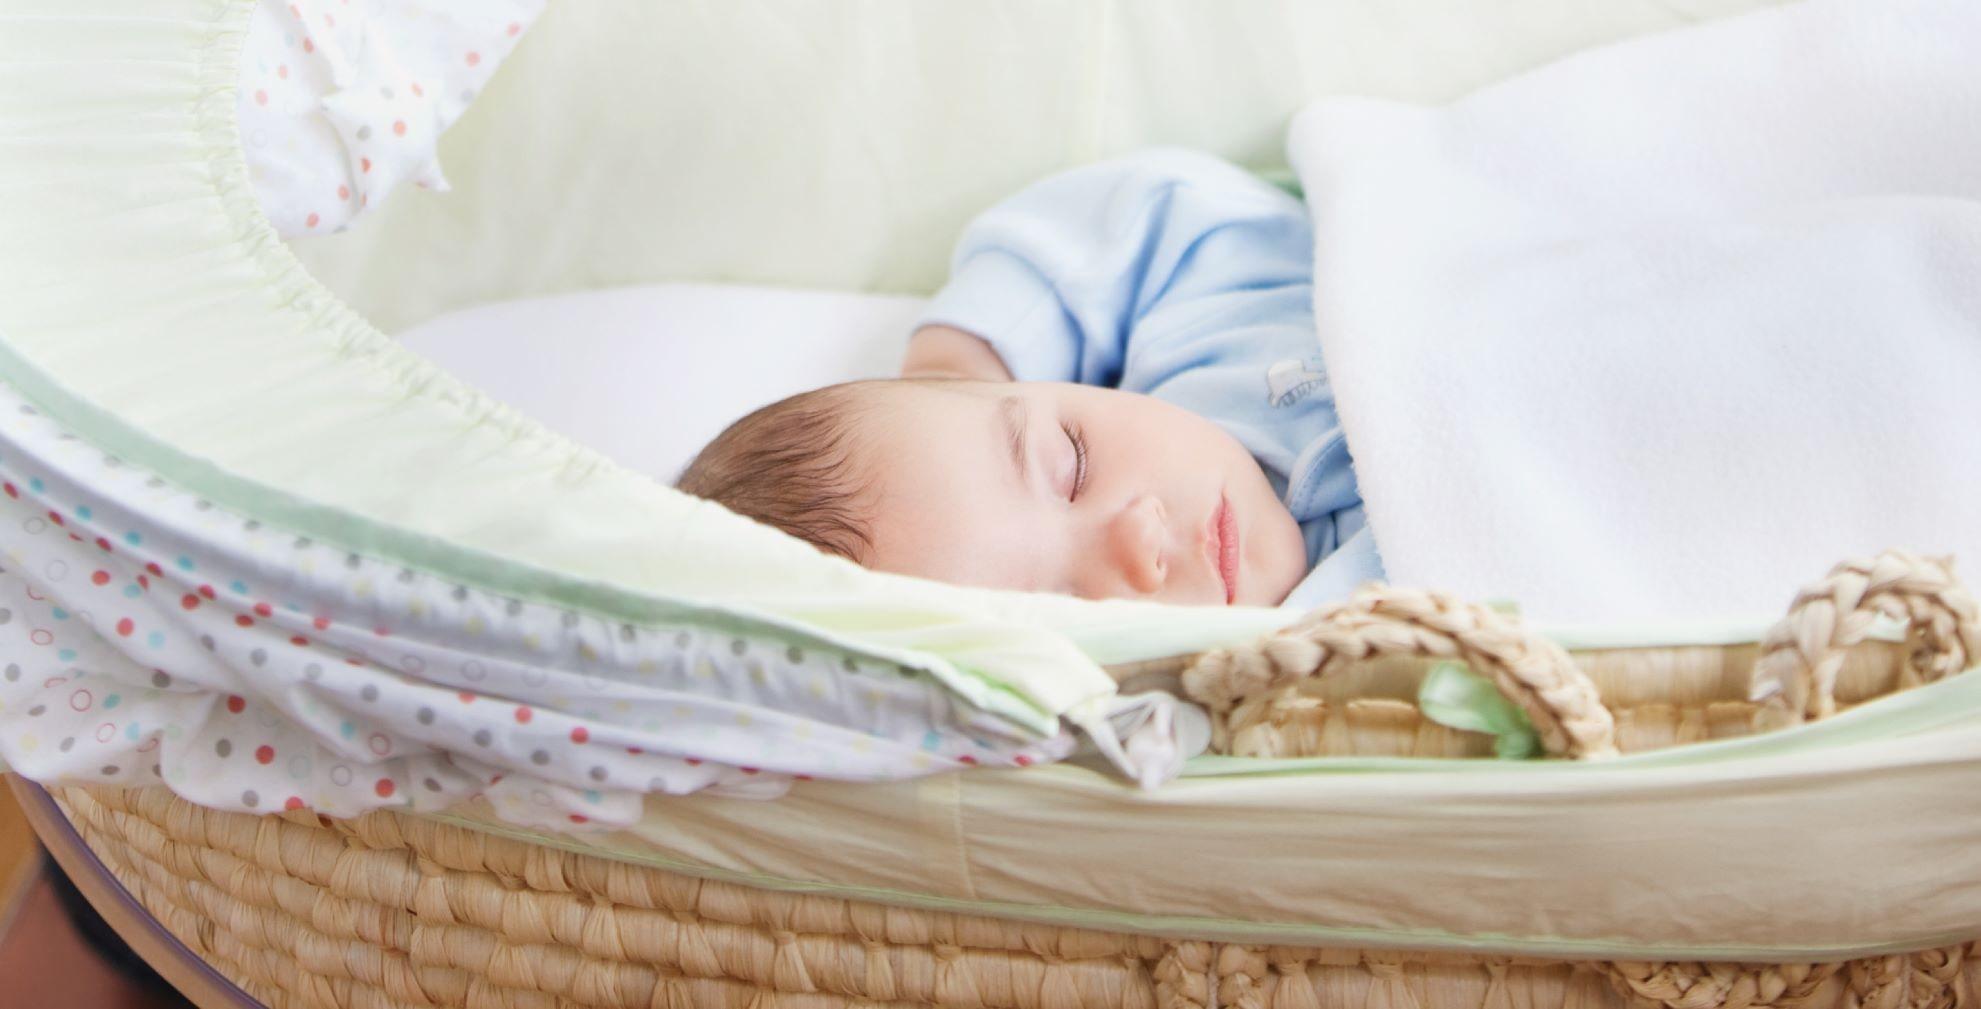 bebé durmiendo en su cuna